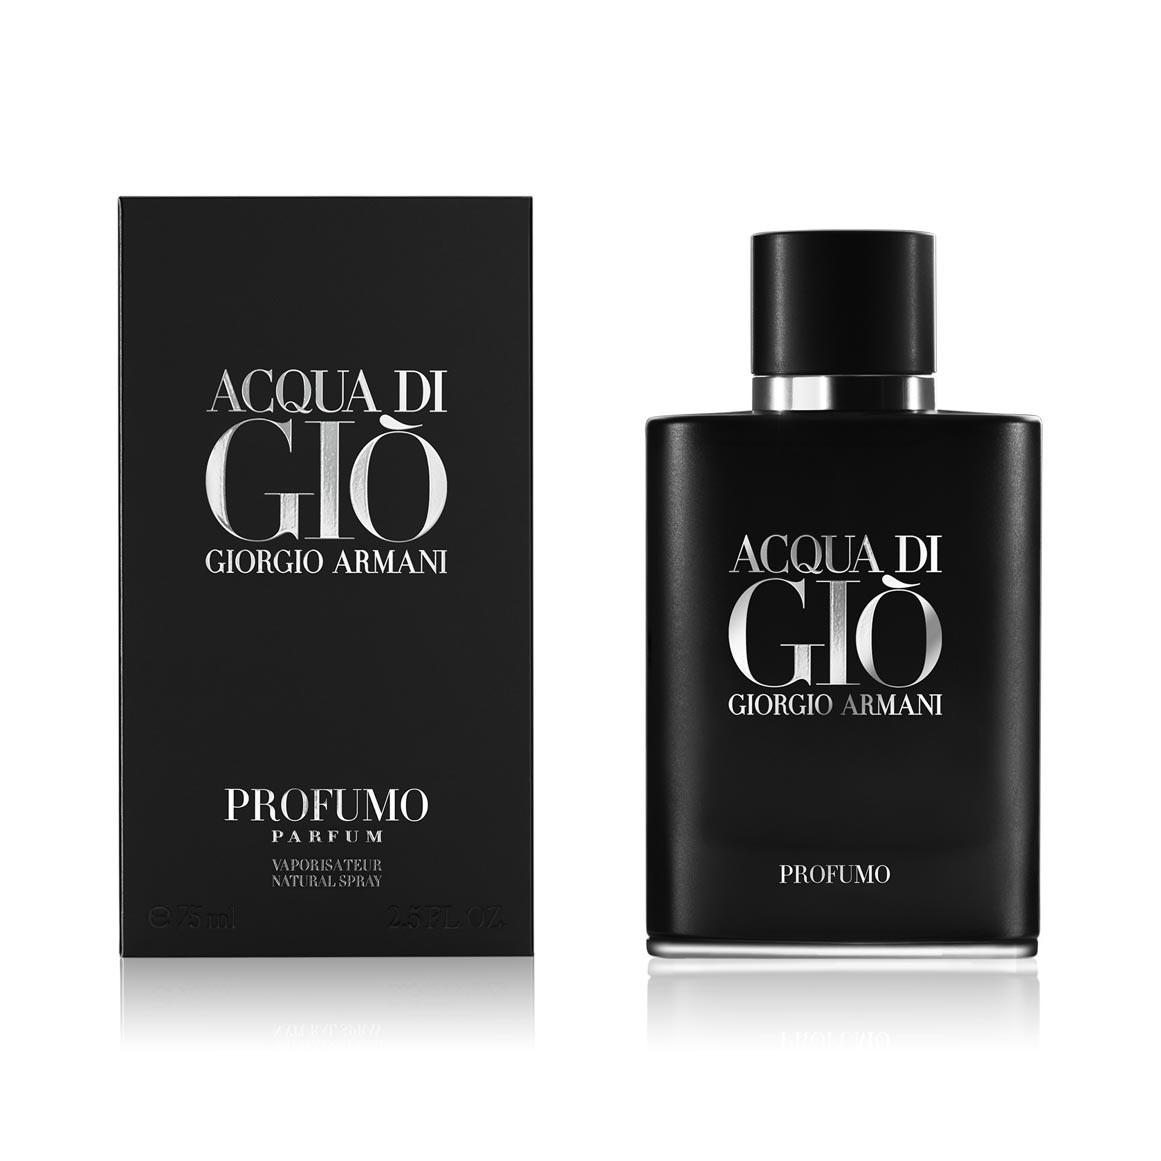 Acqua-Di-Gio-Profumo-EDP-3614270157639